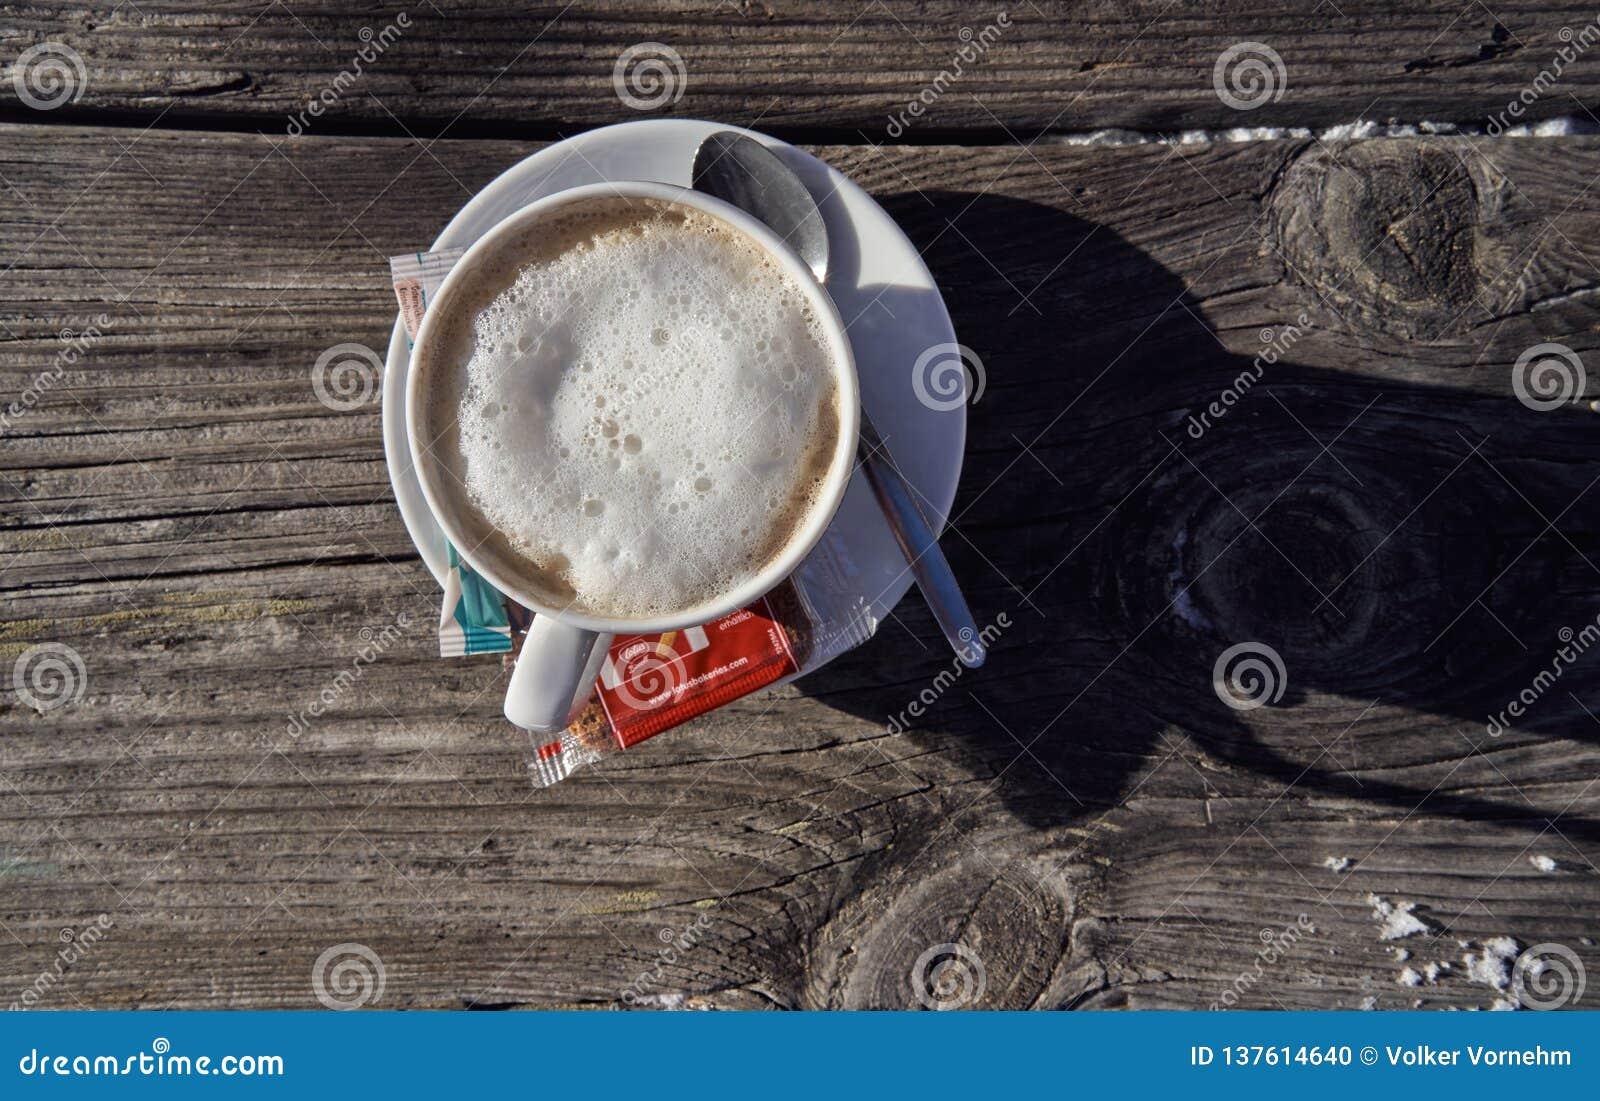 Brunnach Ski Resort, St. Oswald, Kärnten, Österreich - 20. Januar 2019: Tasse Kaffee gefangen genommen auf einem alten Holztisch